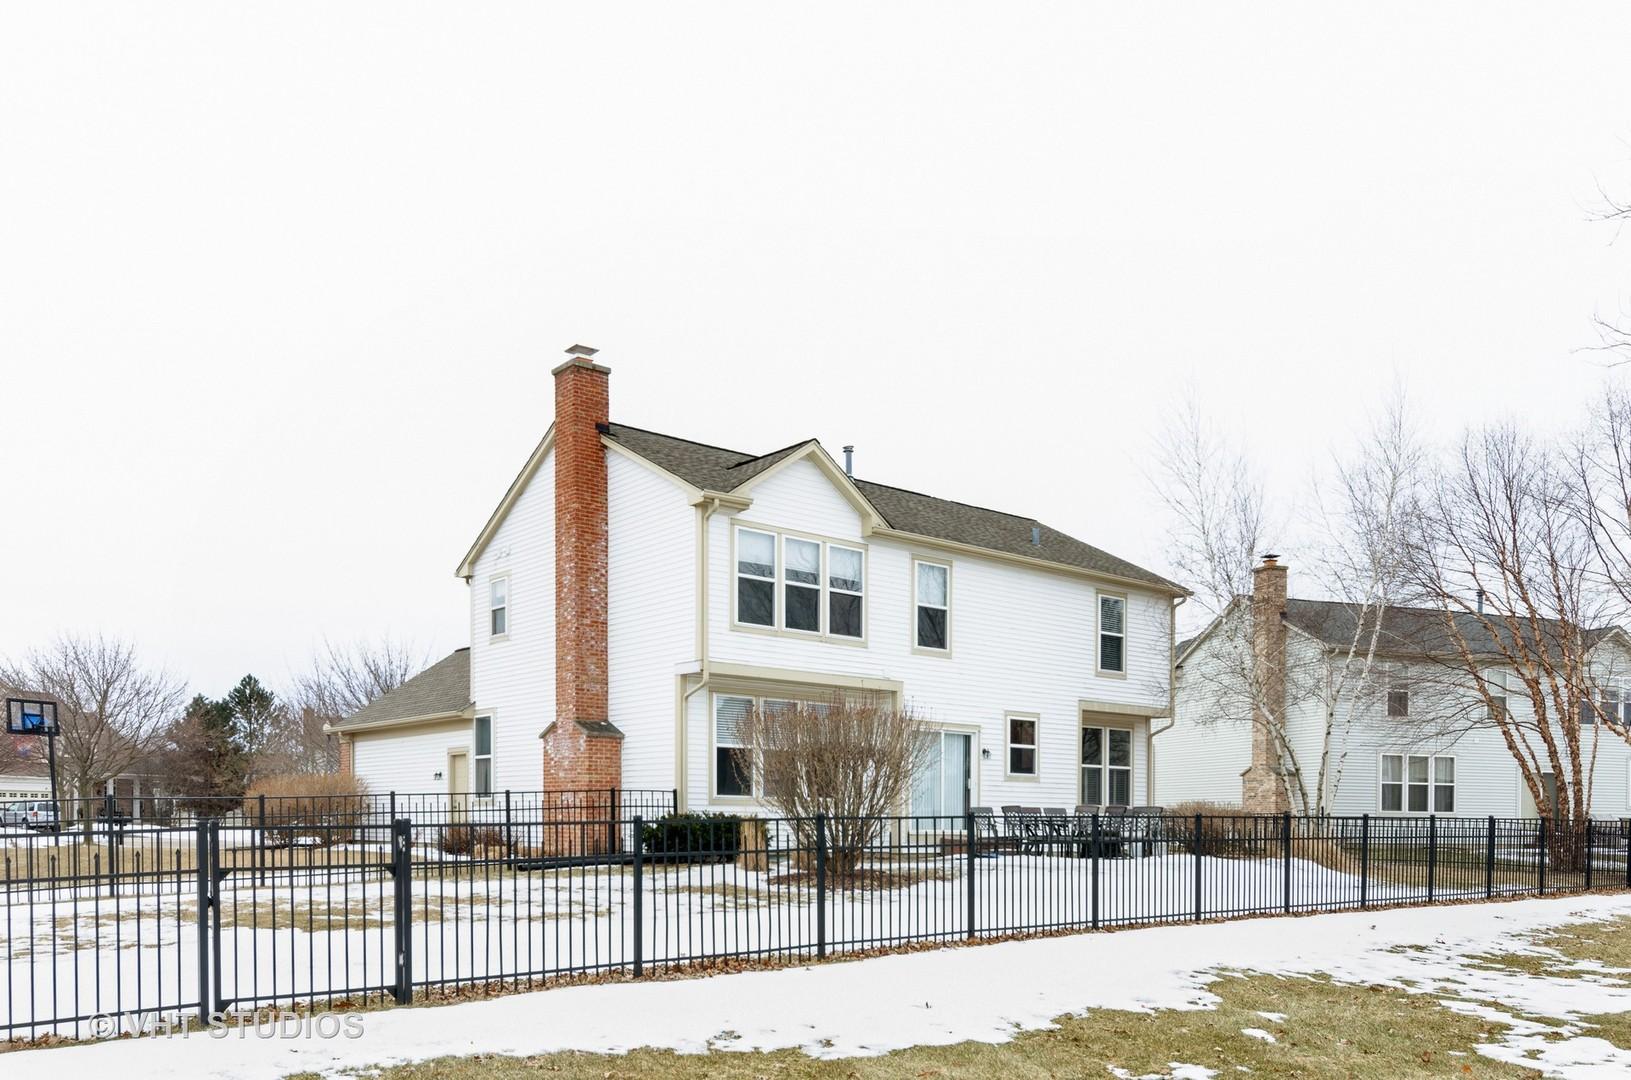 12 Gillingham, Algonquin, Illinois, 60102